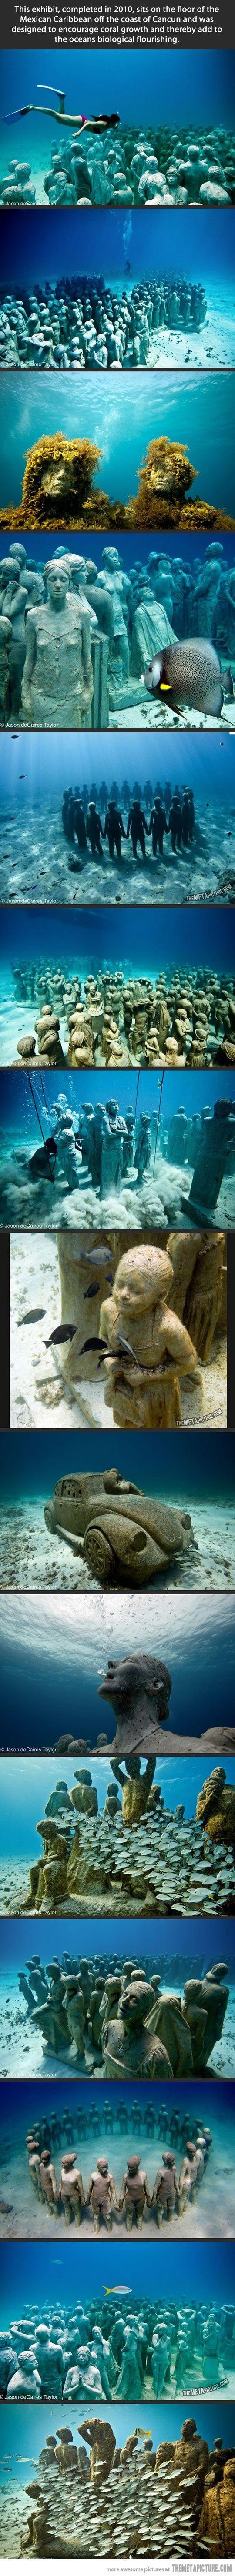 Amazing underwater museum…